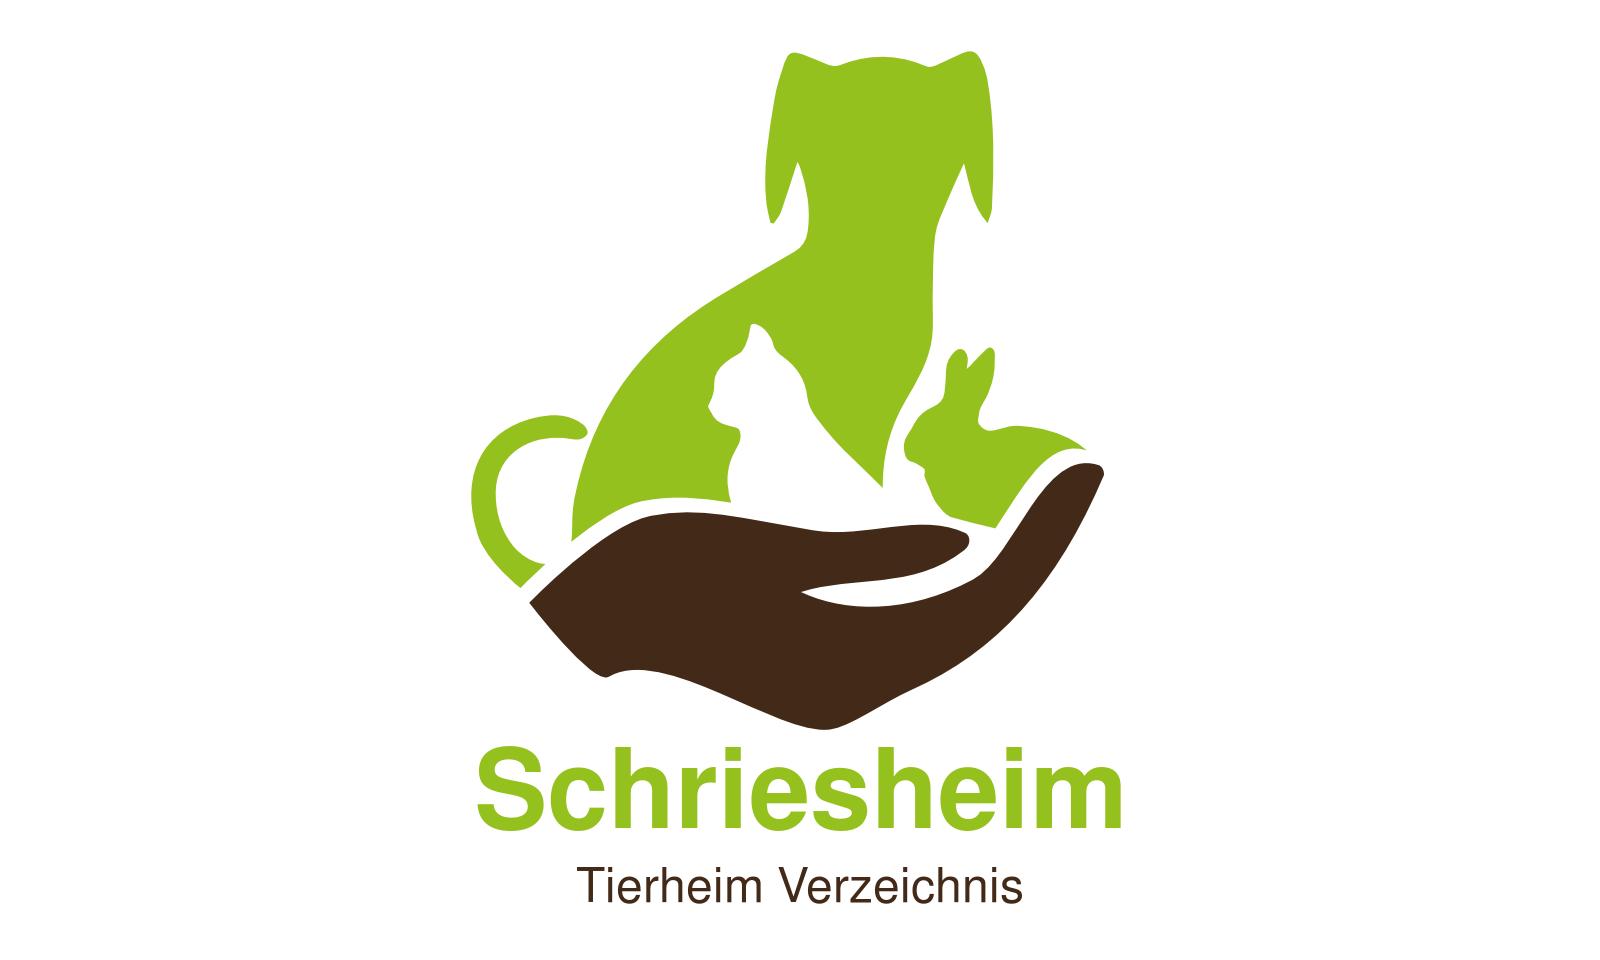 Tierheim Schriesheim